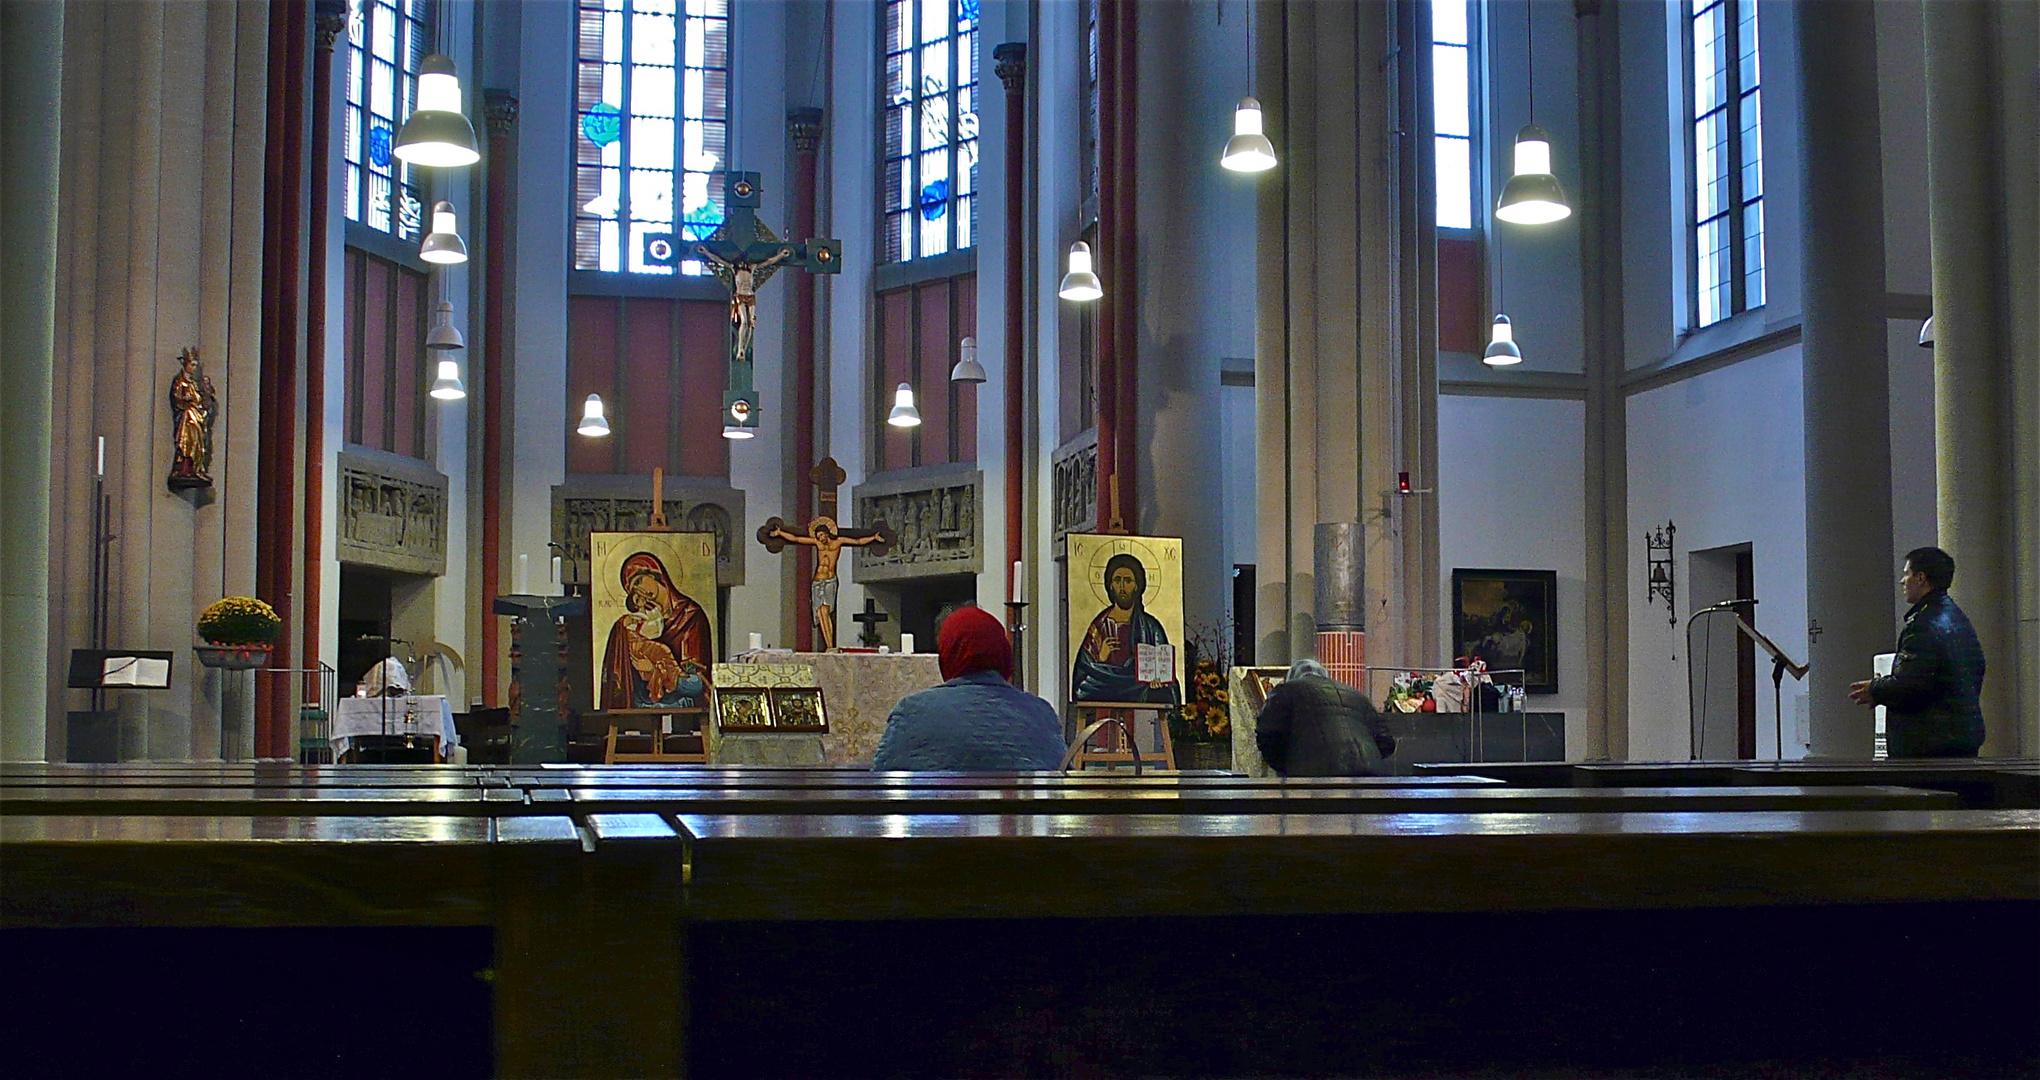 Vor dem orthodoxen Gottesdienst für Rumänen in Düsseldorf am 6.10.2013